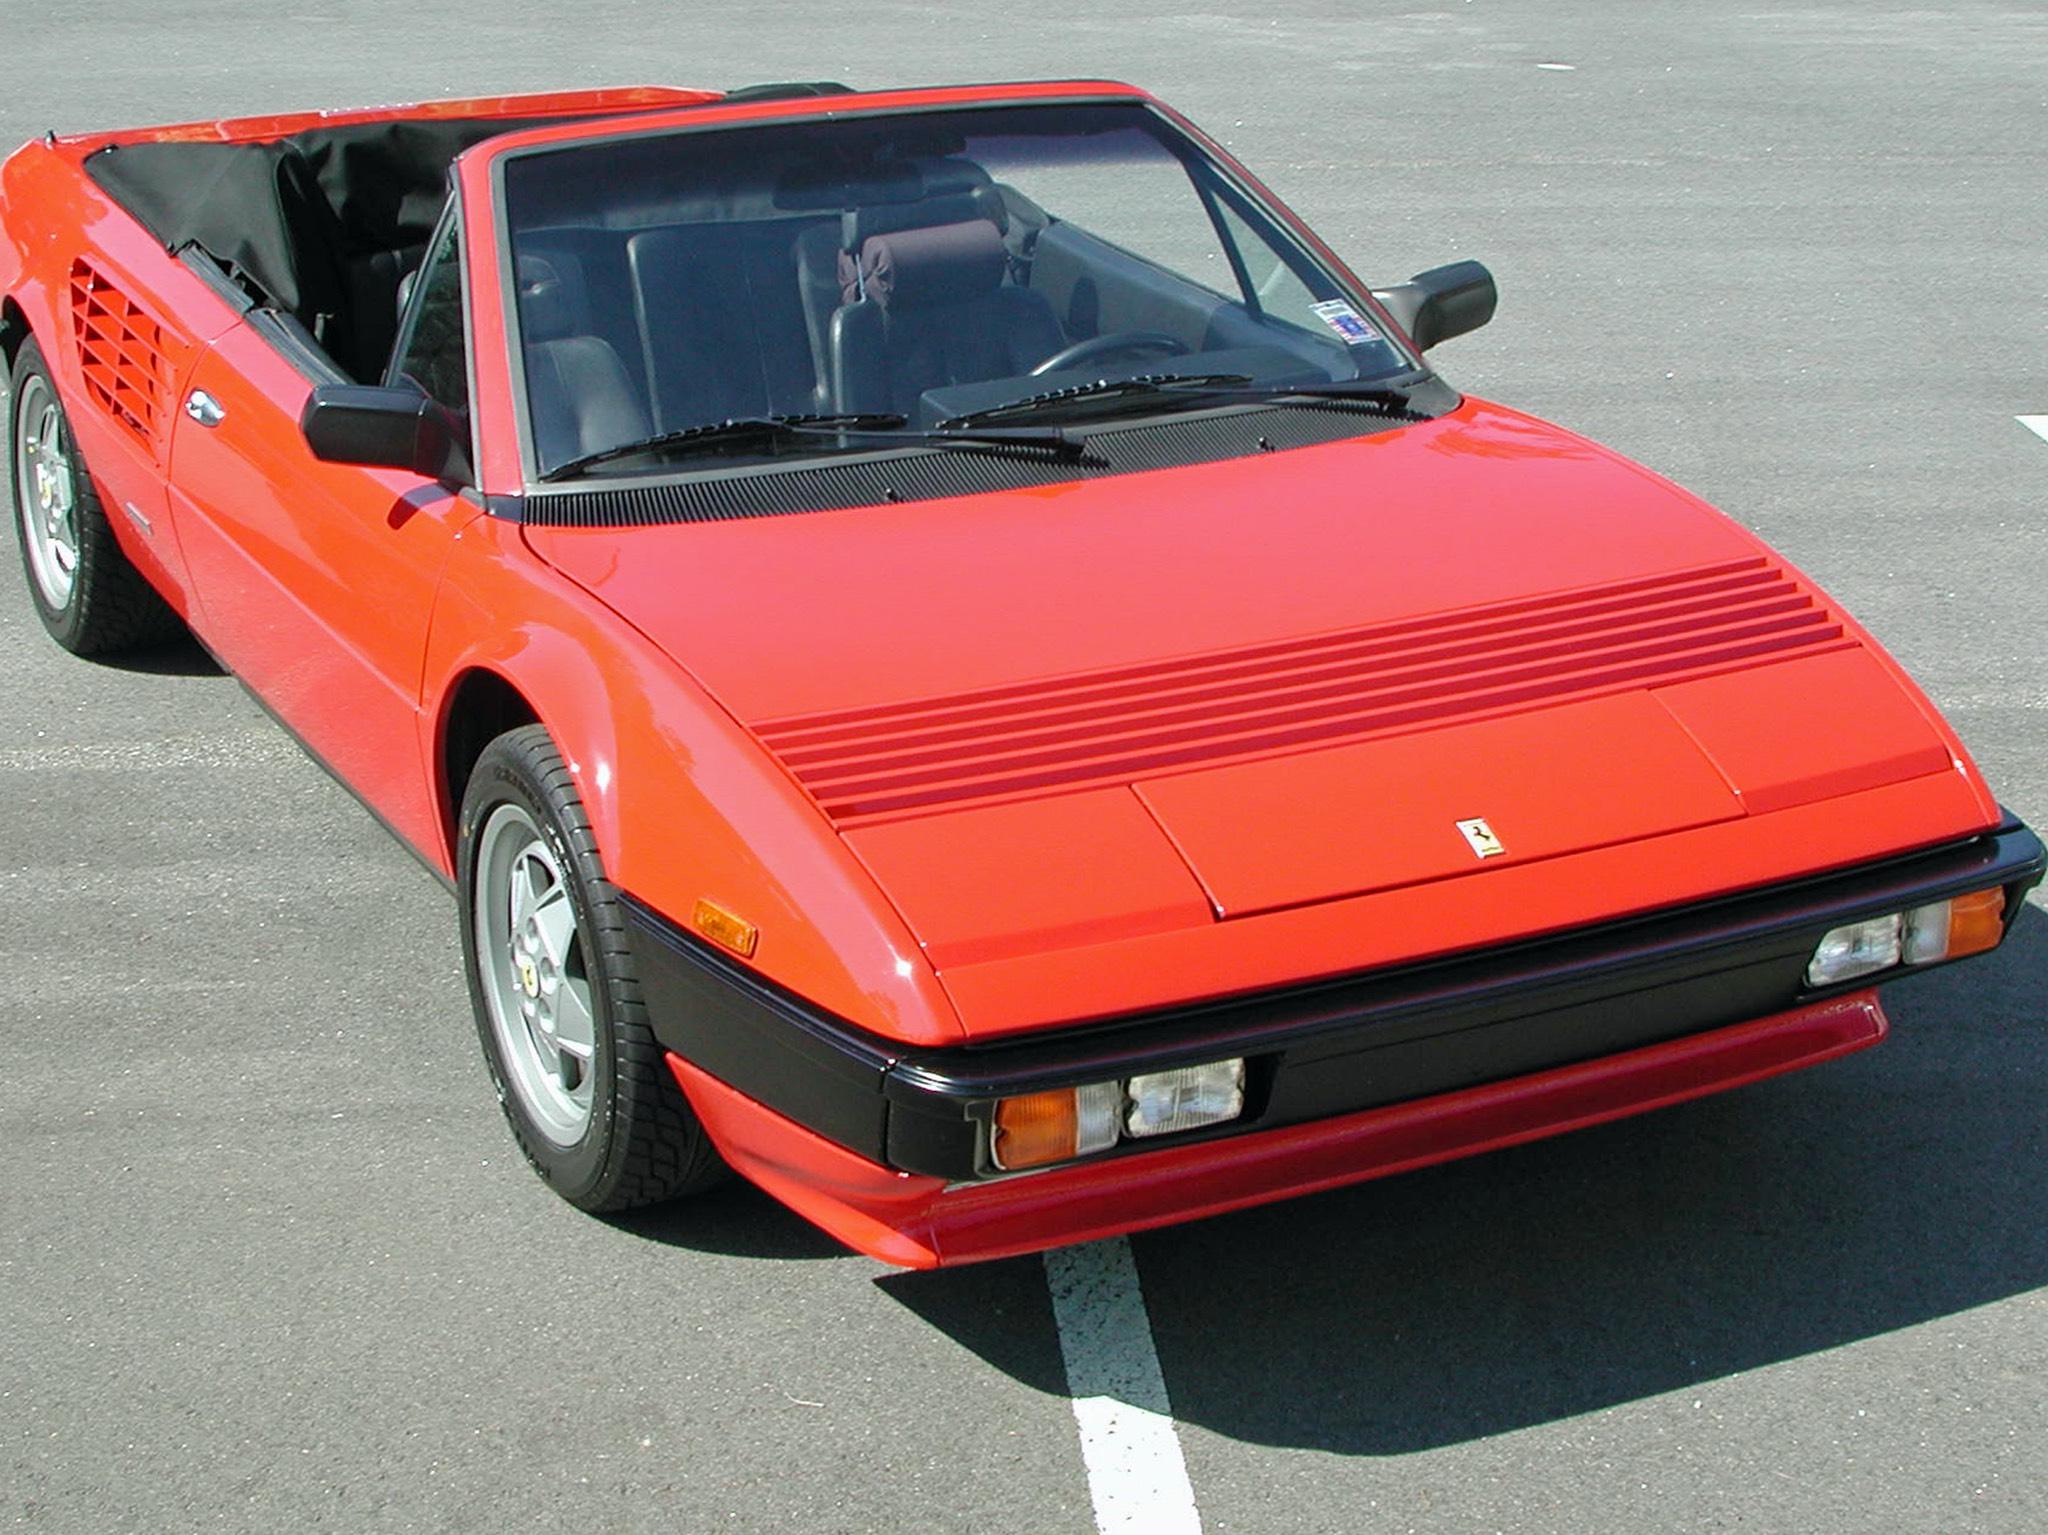 """Ob ein Türgriff für einen 1985er Ferrari Mondial QV oder ein Kolben für einen 1924er Citroën 5CV: Wenn sich derartige Originalteile nicht mehr finden lassen, greift Retromotion als """"Ultima Ratio"""" auf eine passgenaue Nachproduktion zurück. Foto: SKF Gruppe"""